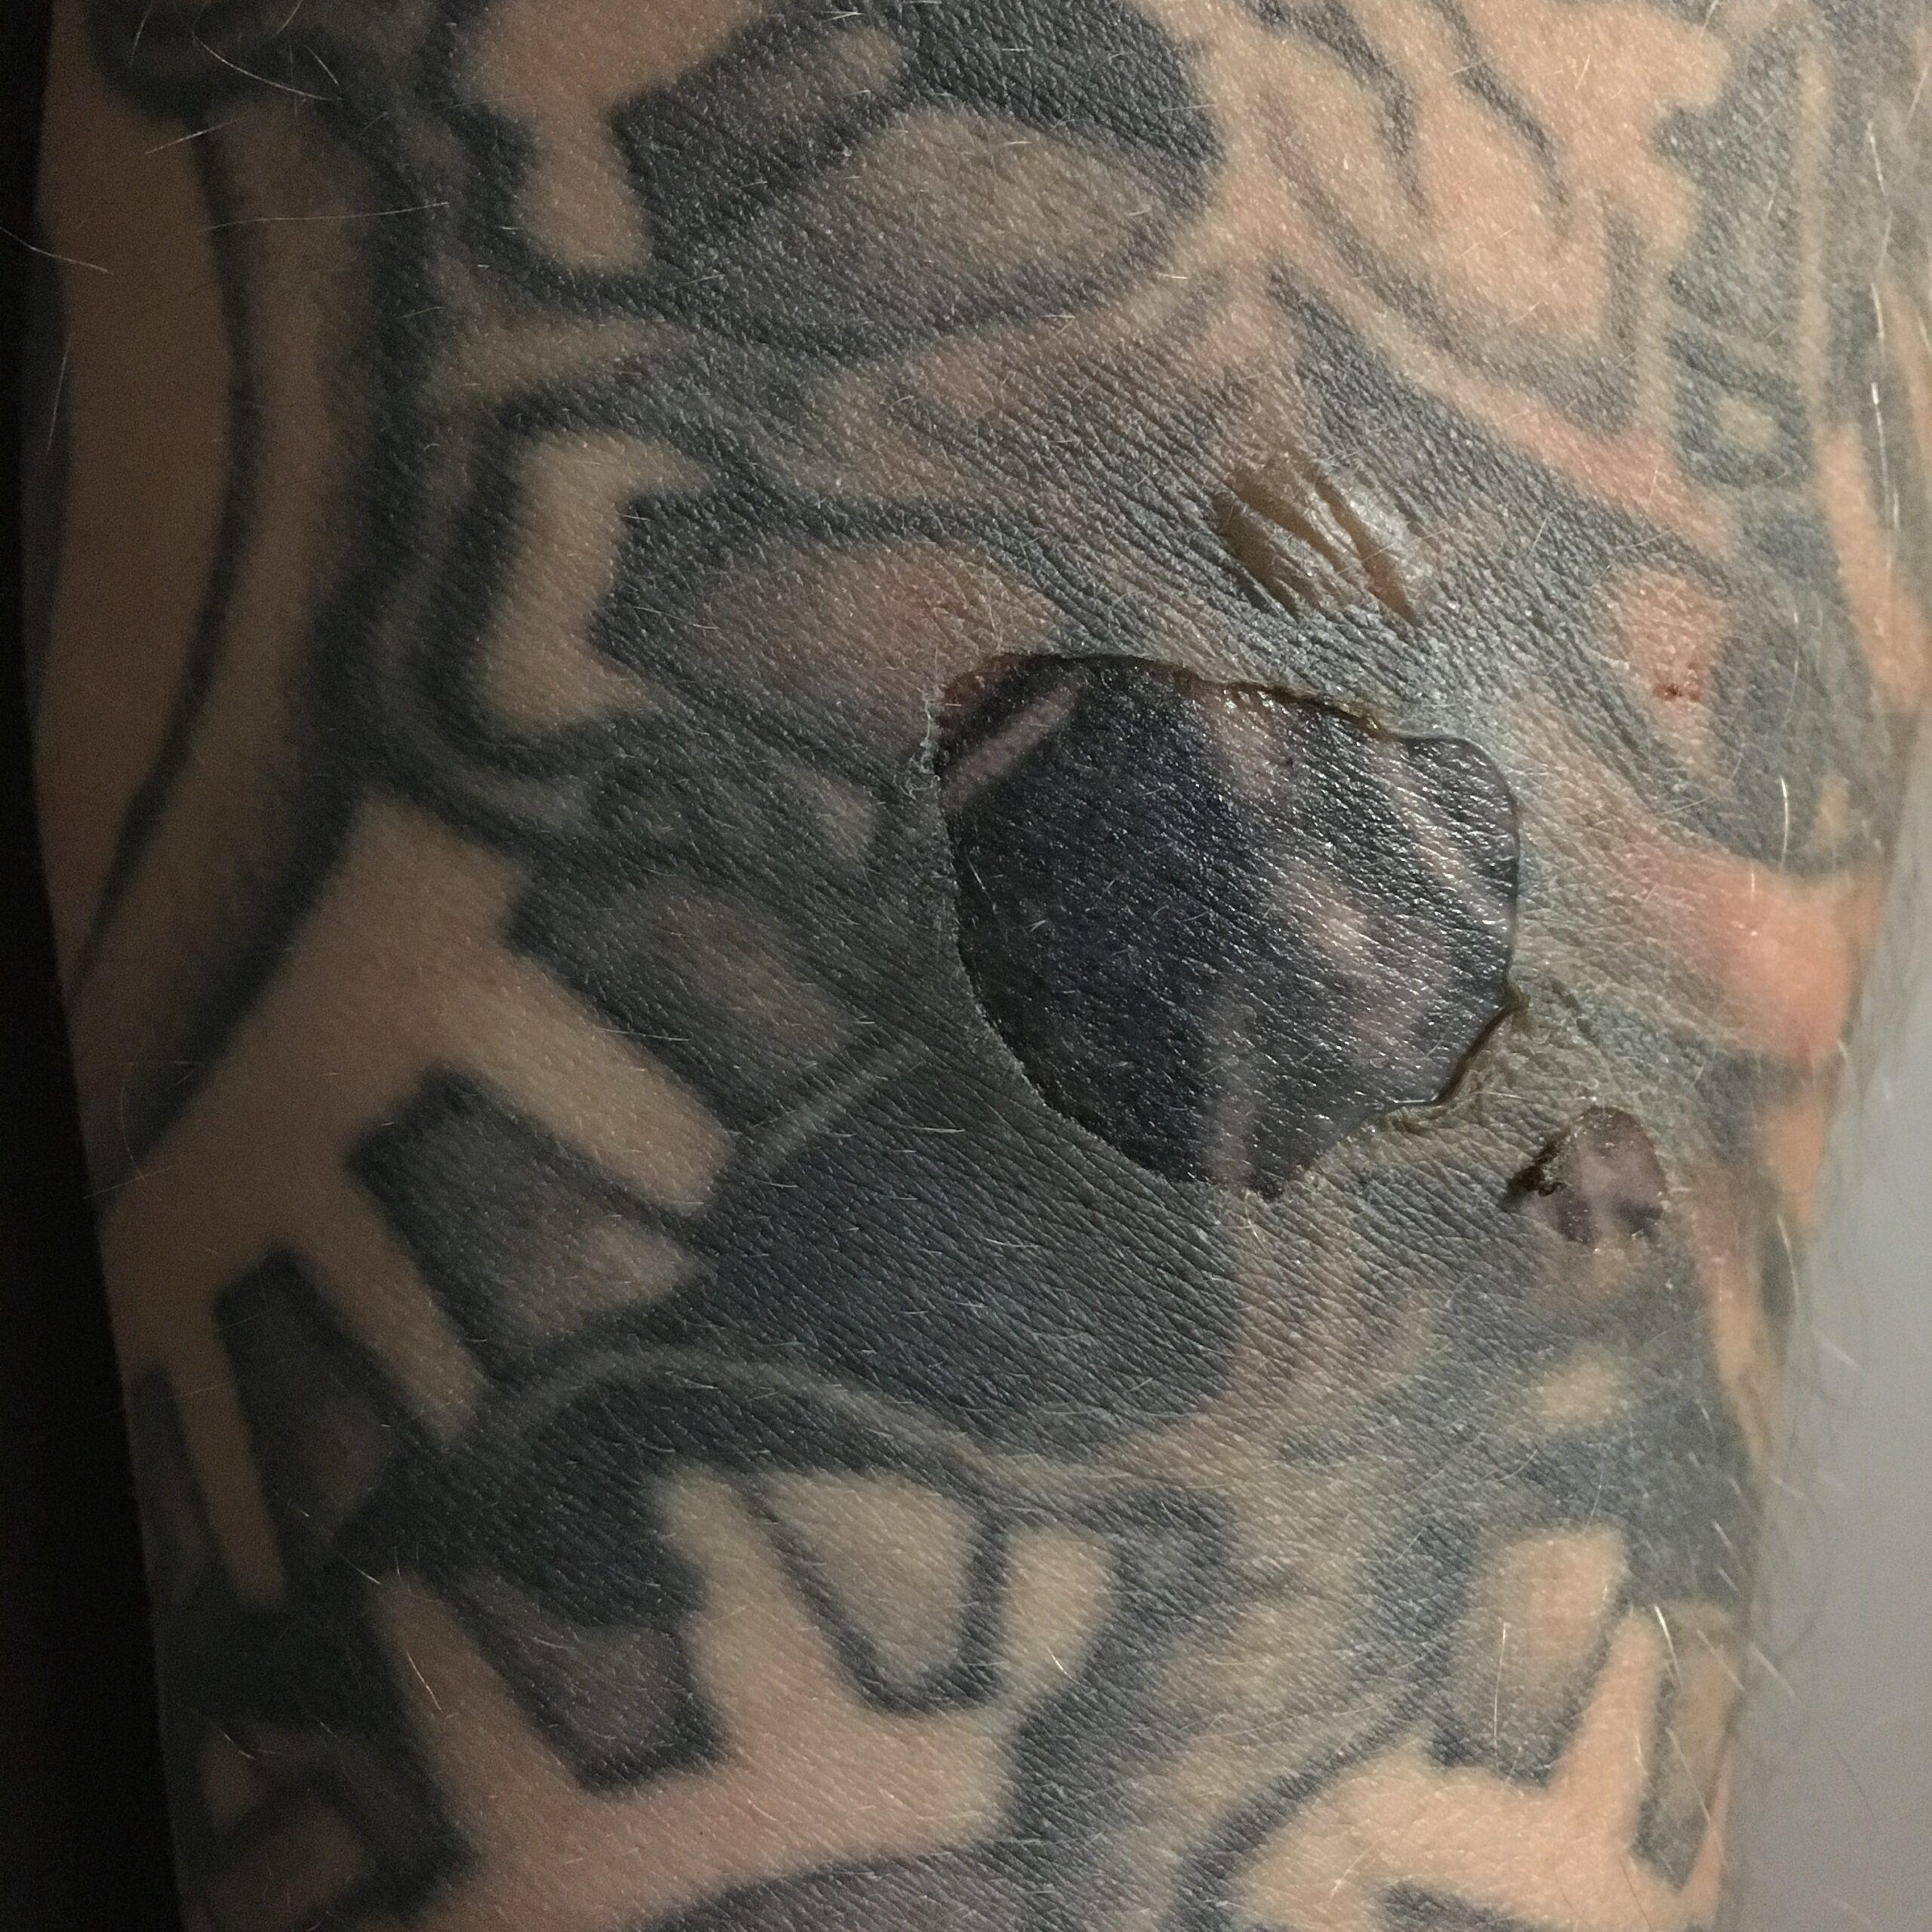 oparzenie tatuażu